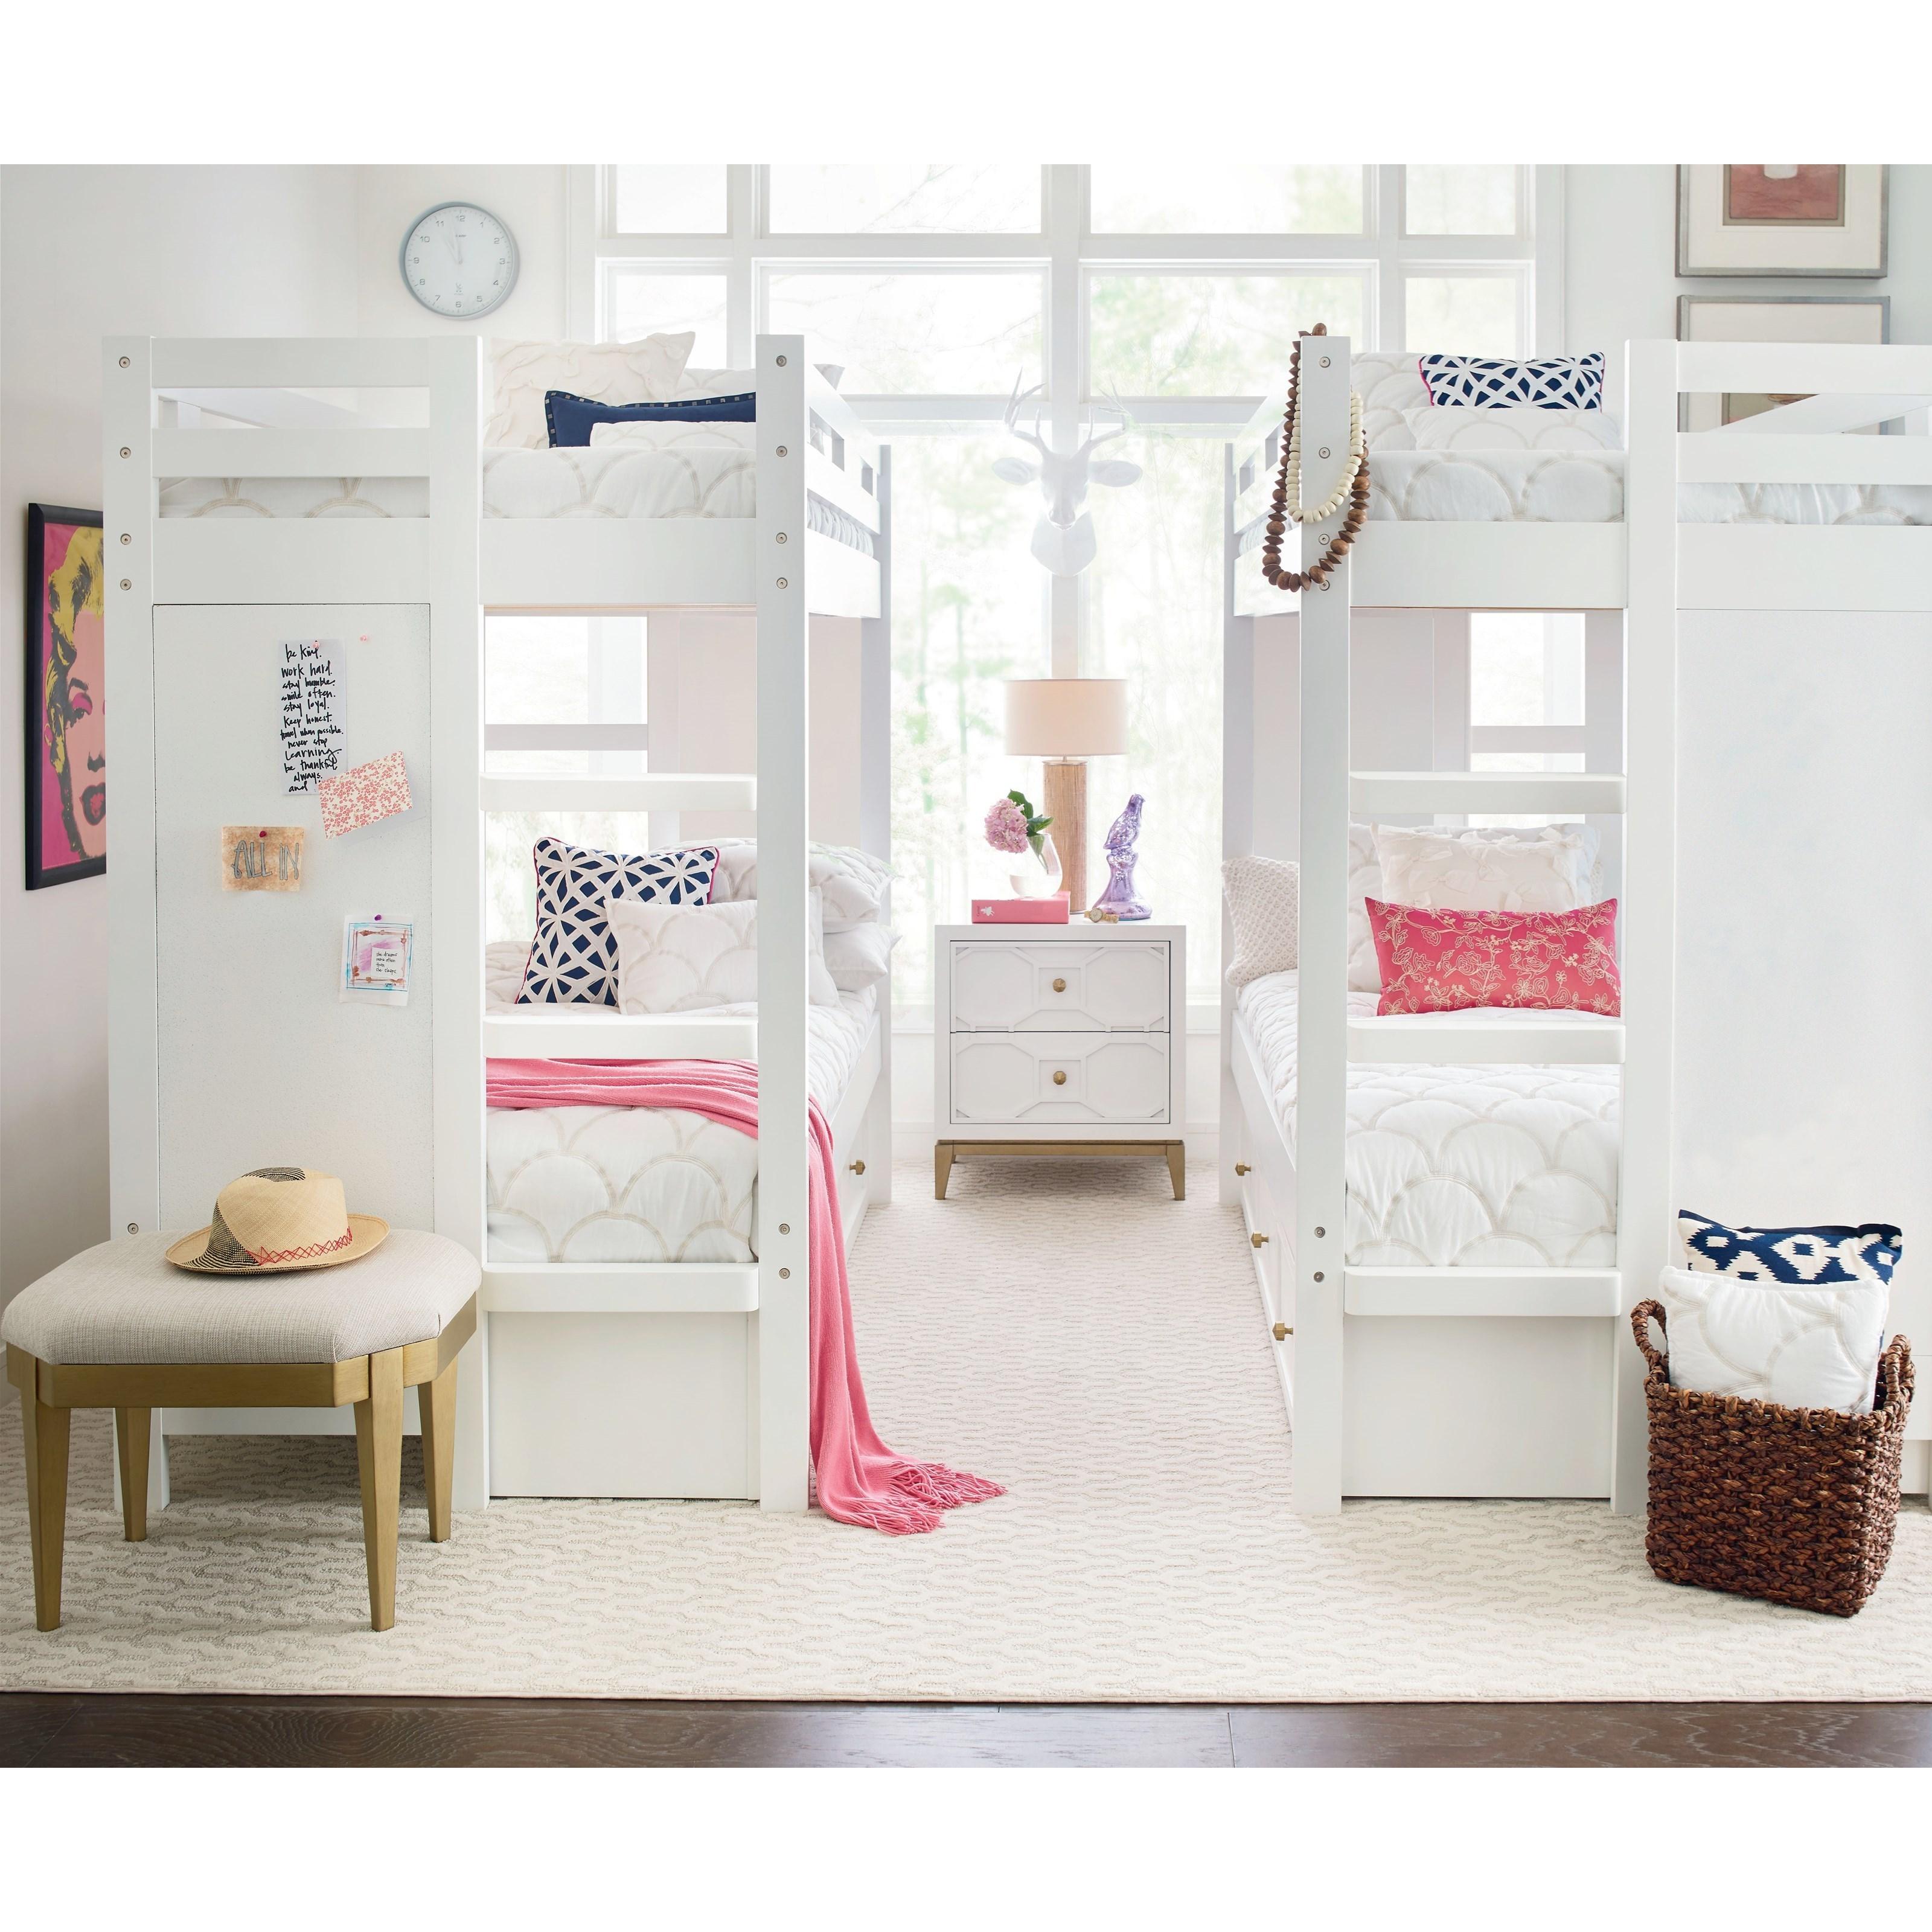 Twin Bunk Bedroom Group